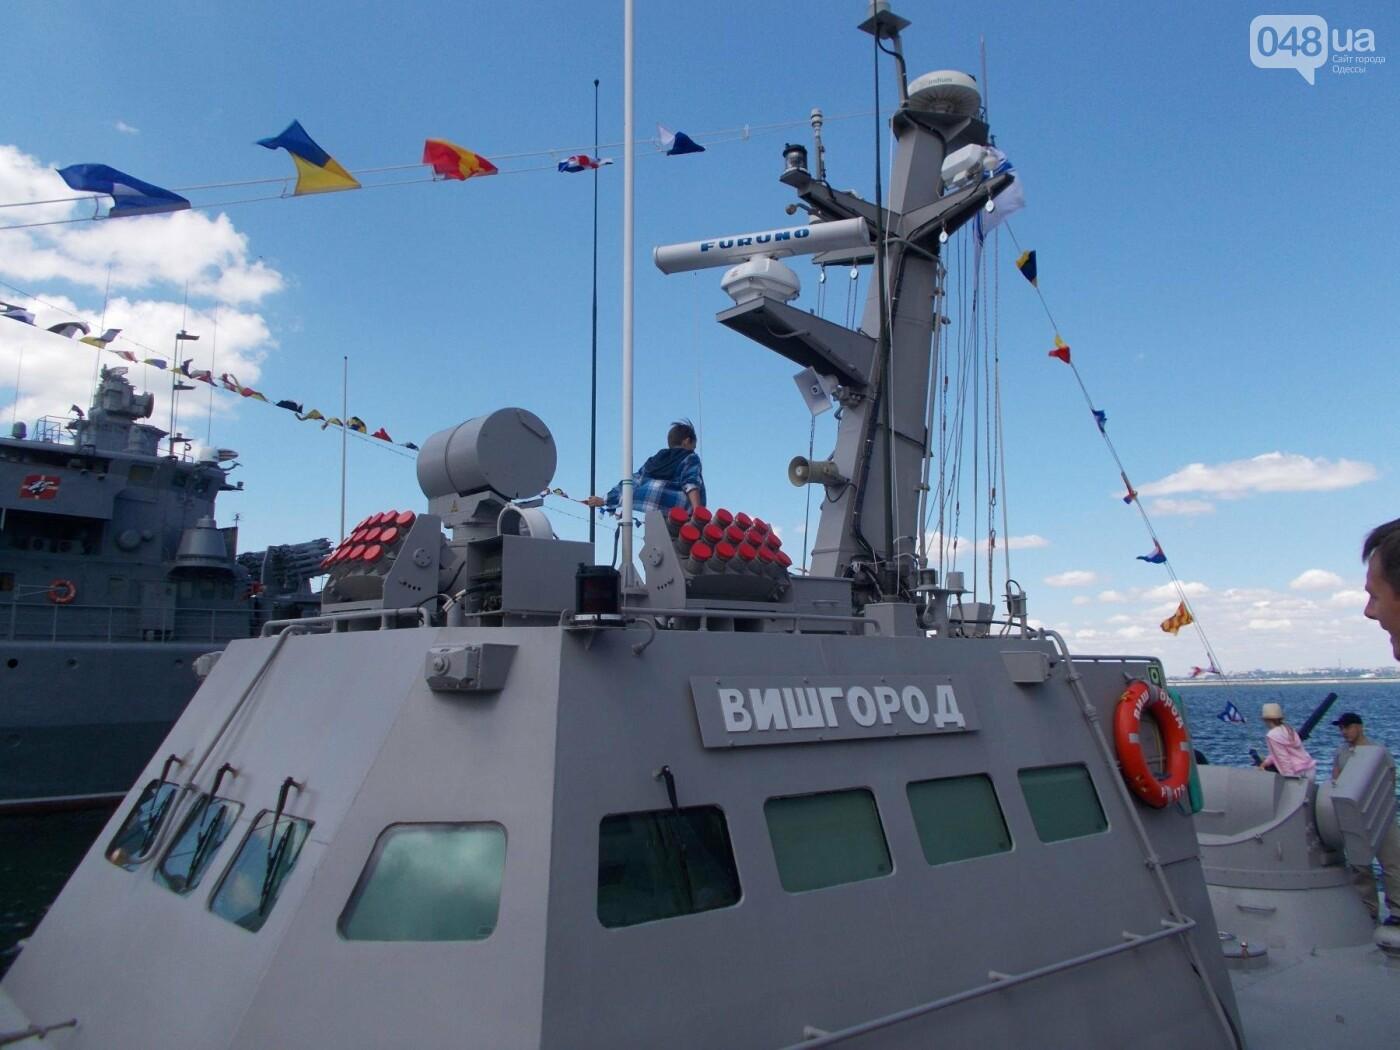 День Военно-морских сил Украины отпраздновали на Одесском морвокзале, - ФОТО , фото-1